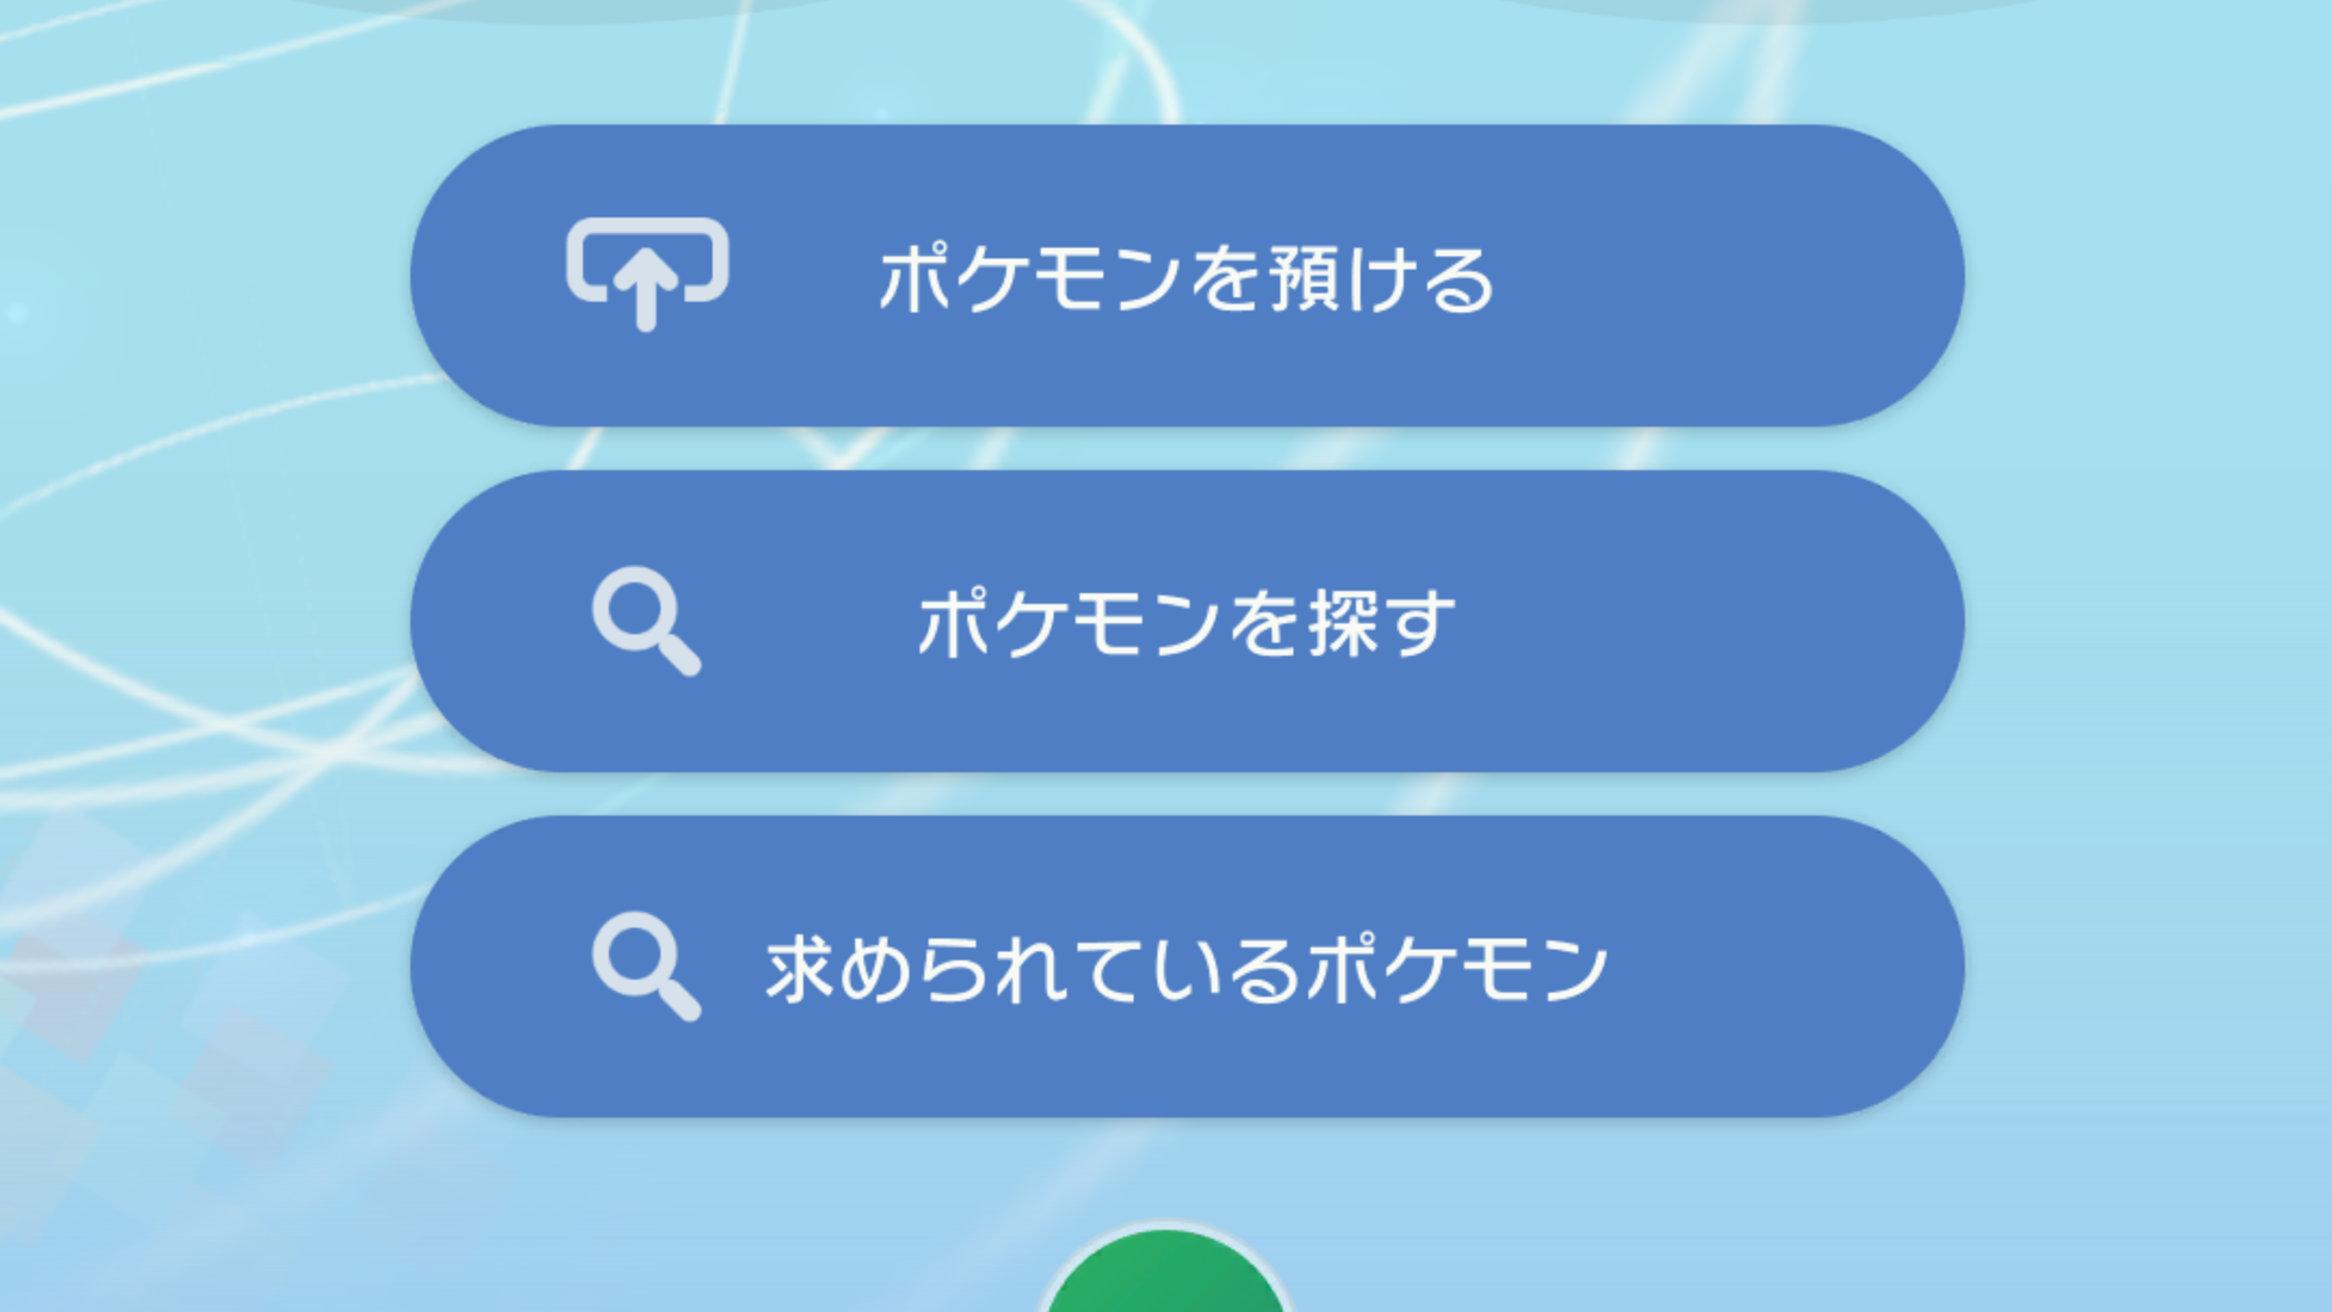 ポケモンホーム、Ver 1.5.0アプデ。求められているポケモン検索など新機能